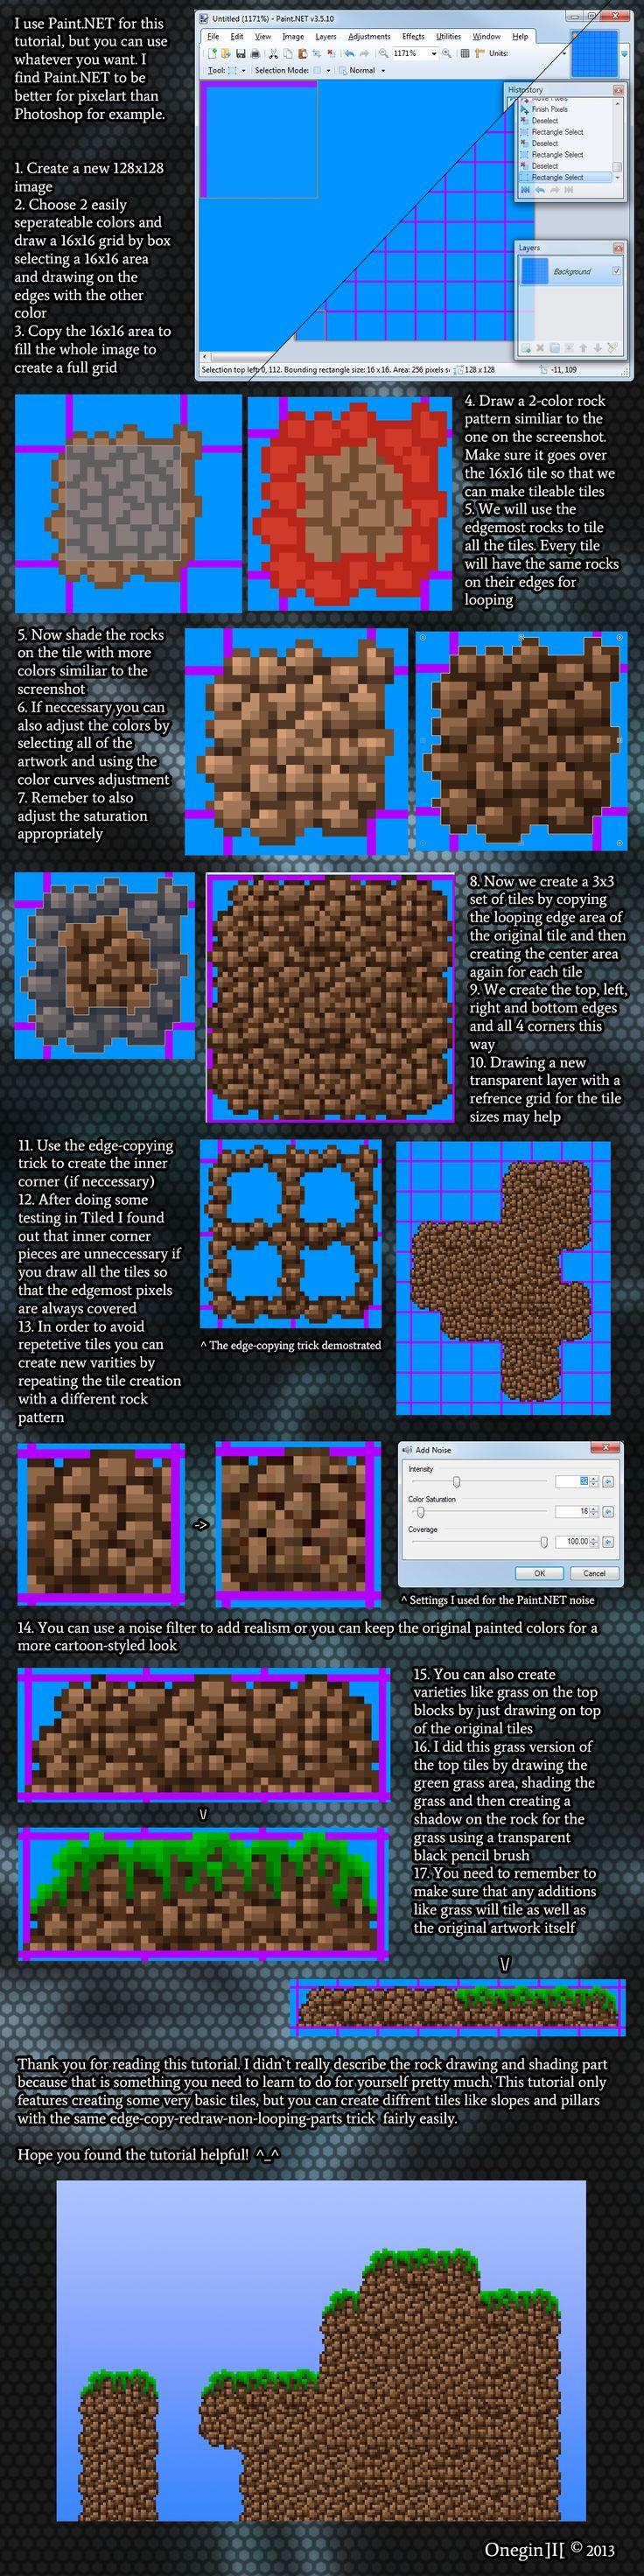 Pixel Games - Free Online Pixel Games